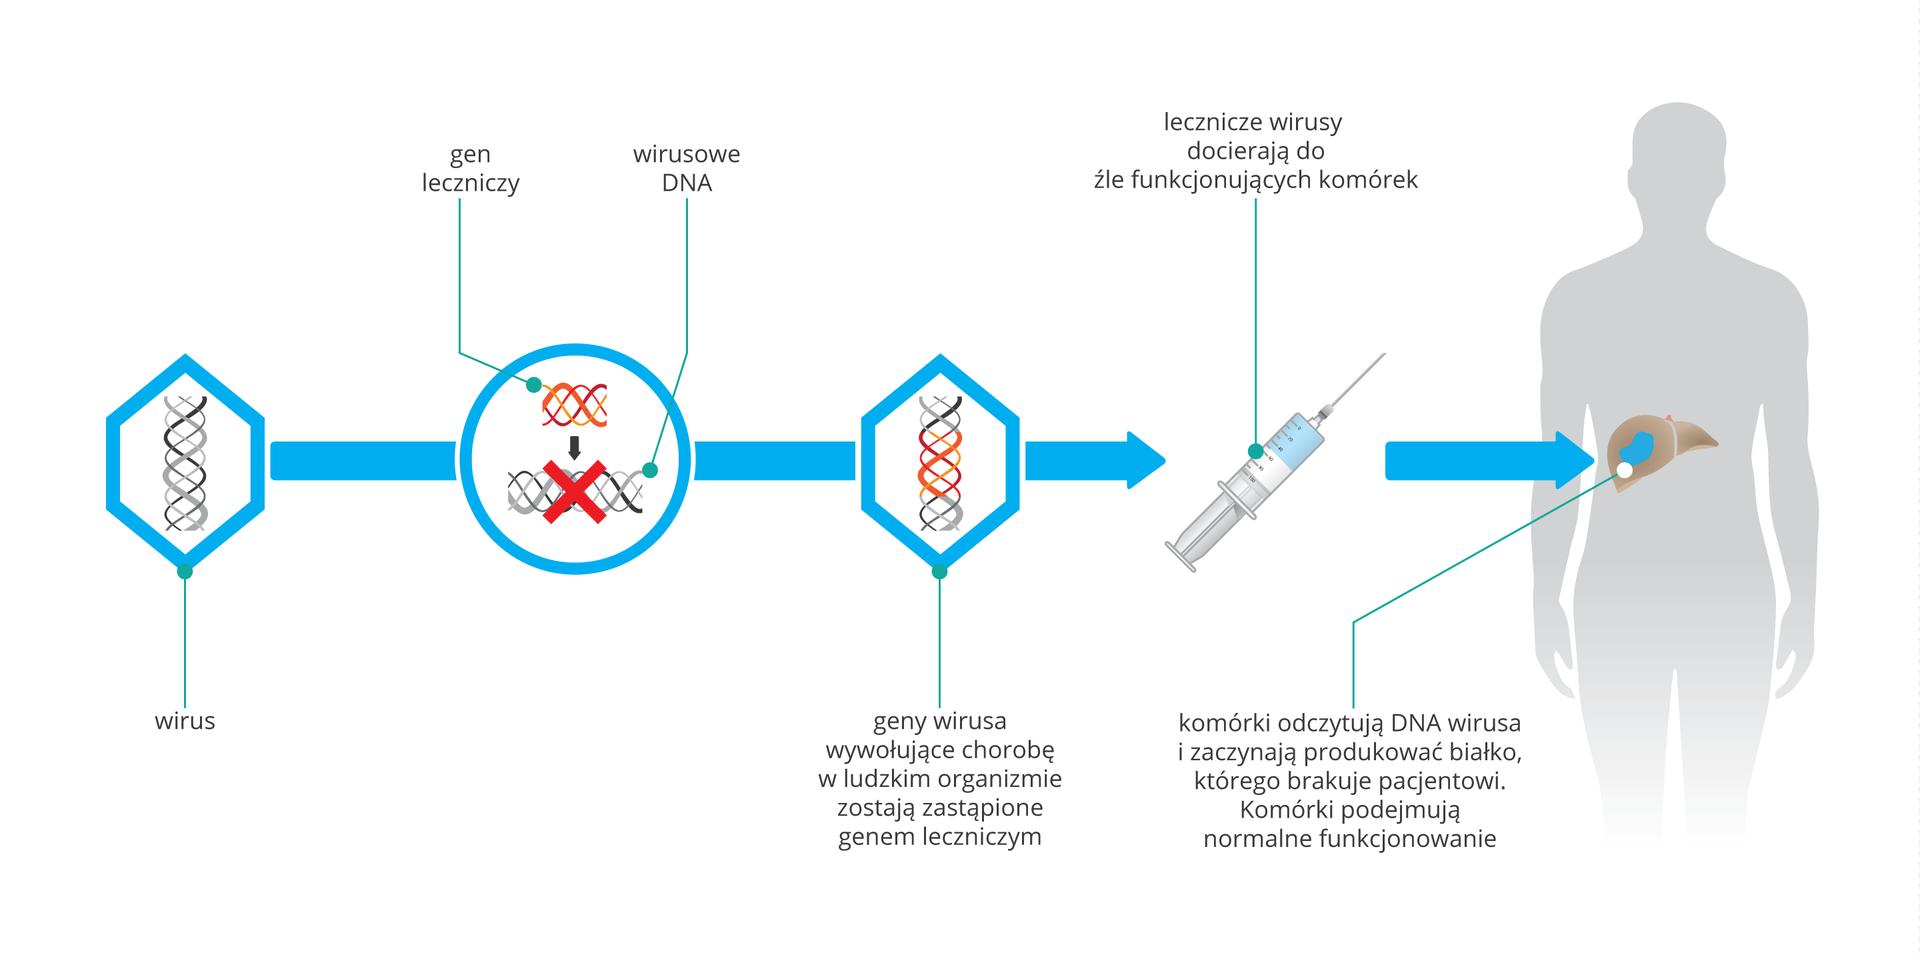 Scmematyczna ilustracja terapii genowej. Na pierwszym obrazku wirus zDNA. Na drugim wprowadzenie do DNA wirusowego fragmerntu obcego DNA. Obrazek 3: geny wirusa wywołujace chorobę zostają zastąpione nowo wprowdzonym genem. Obrazek 4 zmodyfikowane wirusy są pobierane wwszczepiane do wątroby.